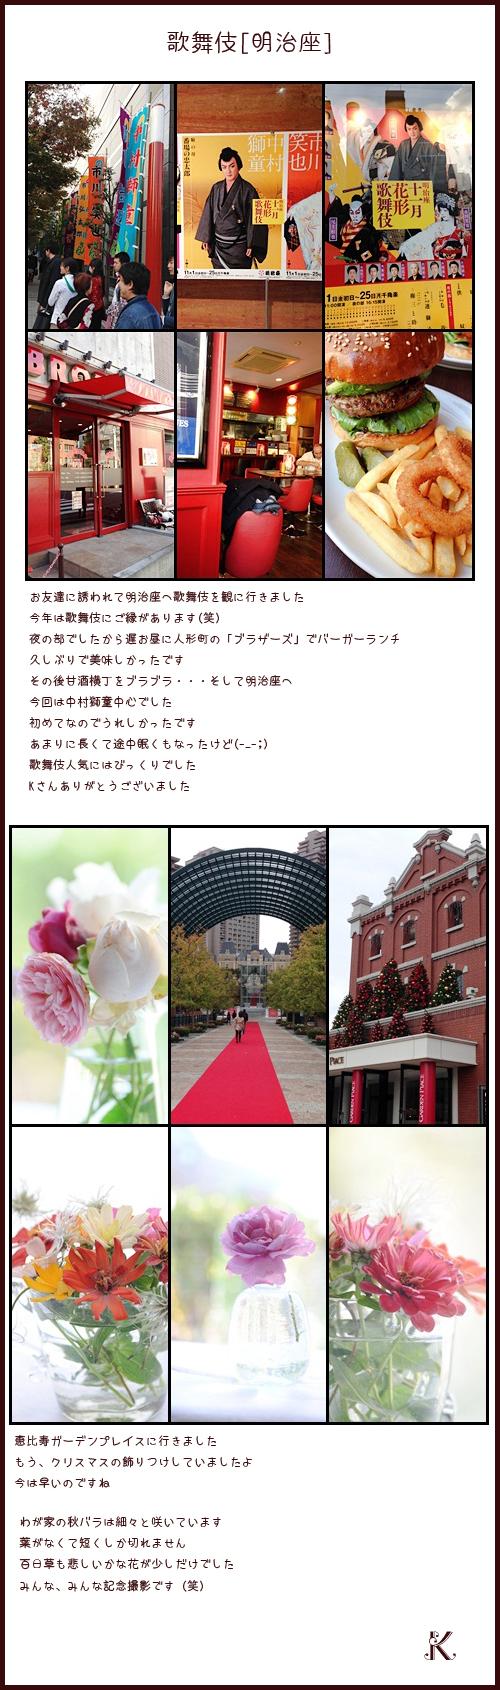 11月11日歌舞伎